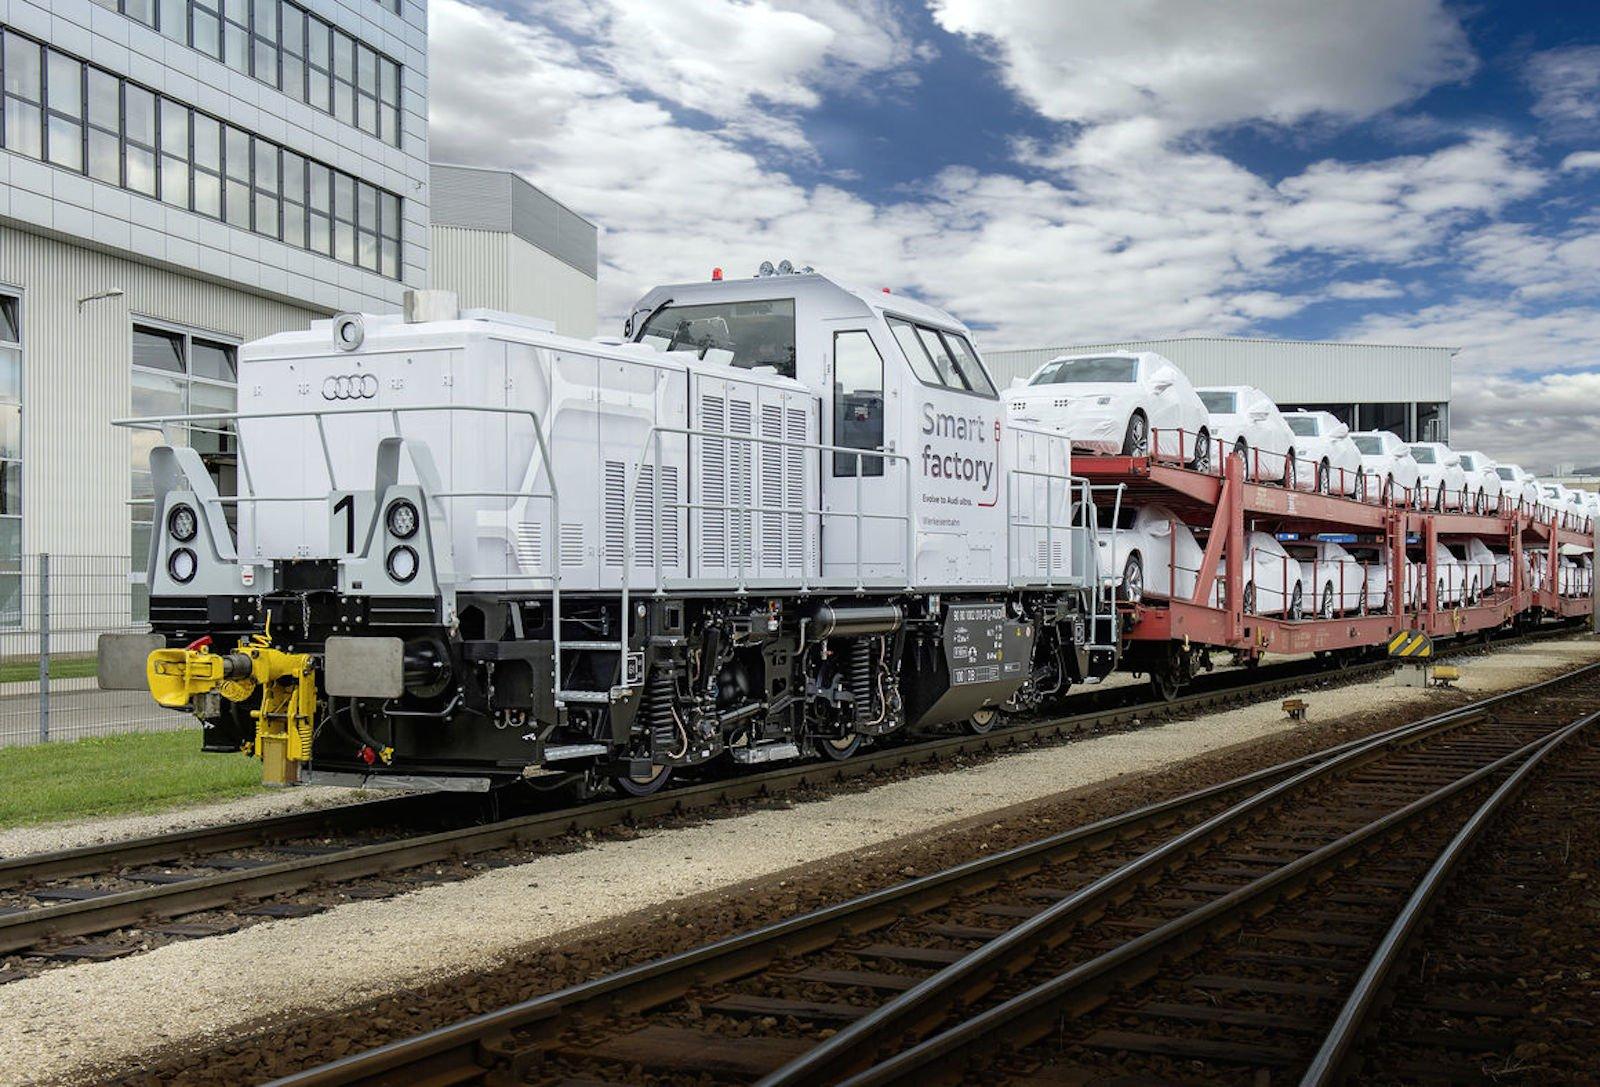 Im Audi-Stammwerk Ingolstadt kommen täglich 15 Güterzüge mit Pressteilen, Motoren, Getrieben und auslieferungsbereiten Autos aus anderen Audi-Werken, die auf die einzelnen Hallen verteilt beziehungsweise zur Verladestation für Neuwagen gebracht werden müssen.